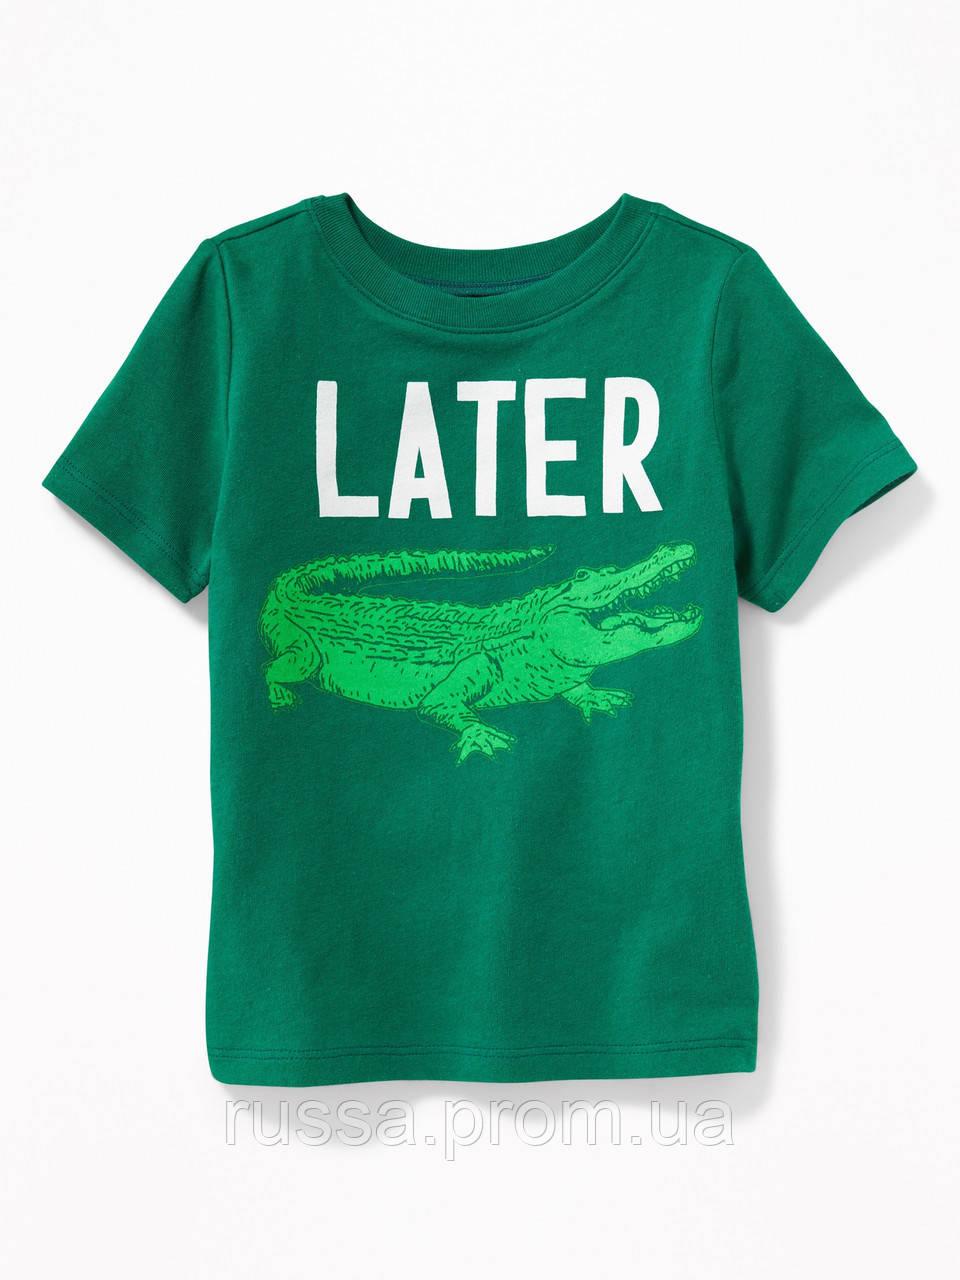 Детская летняя футболка с крокодильчиком Oлд Неви для мальчика